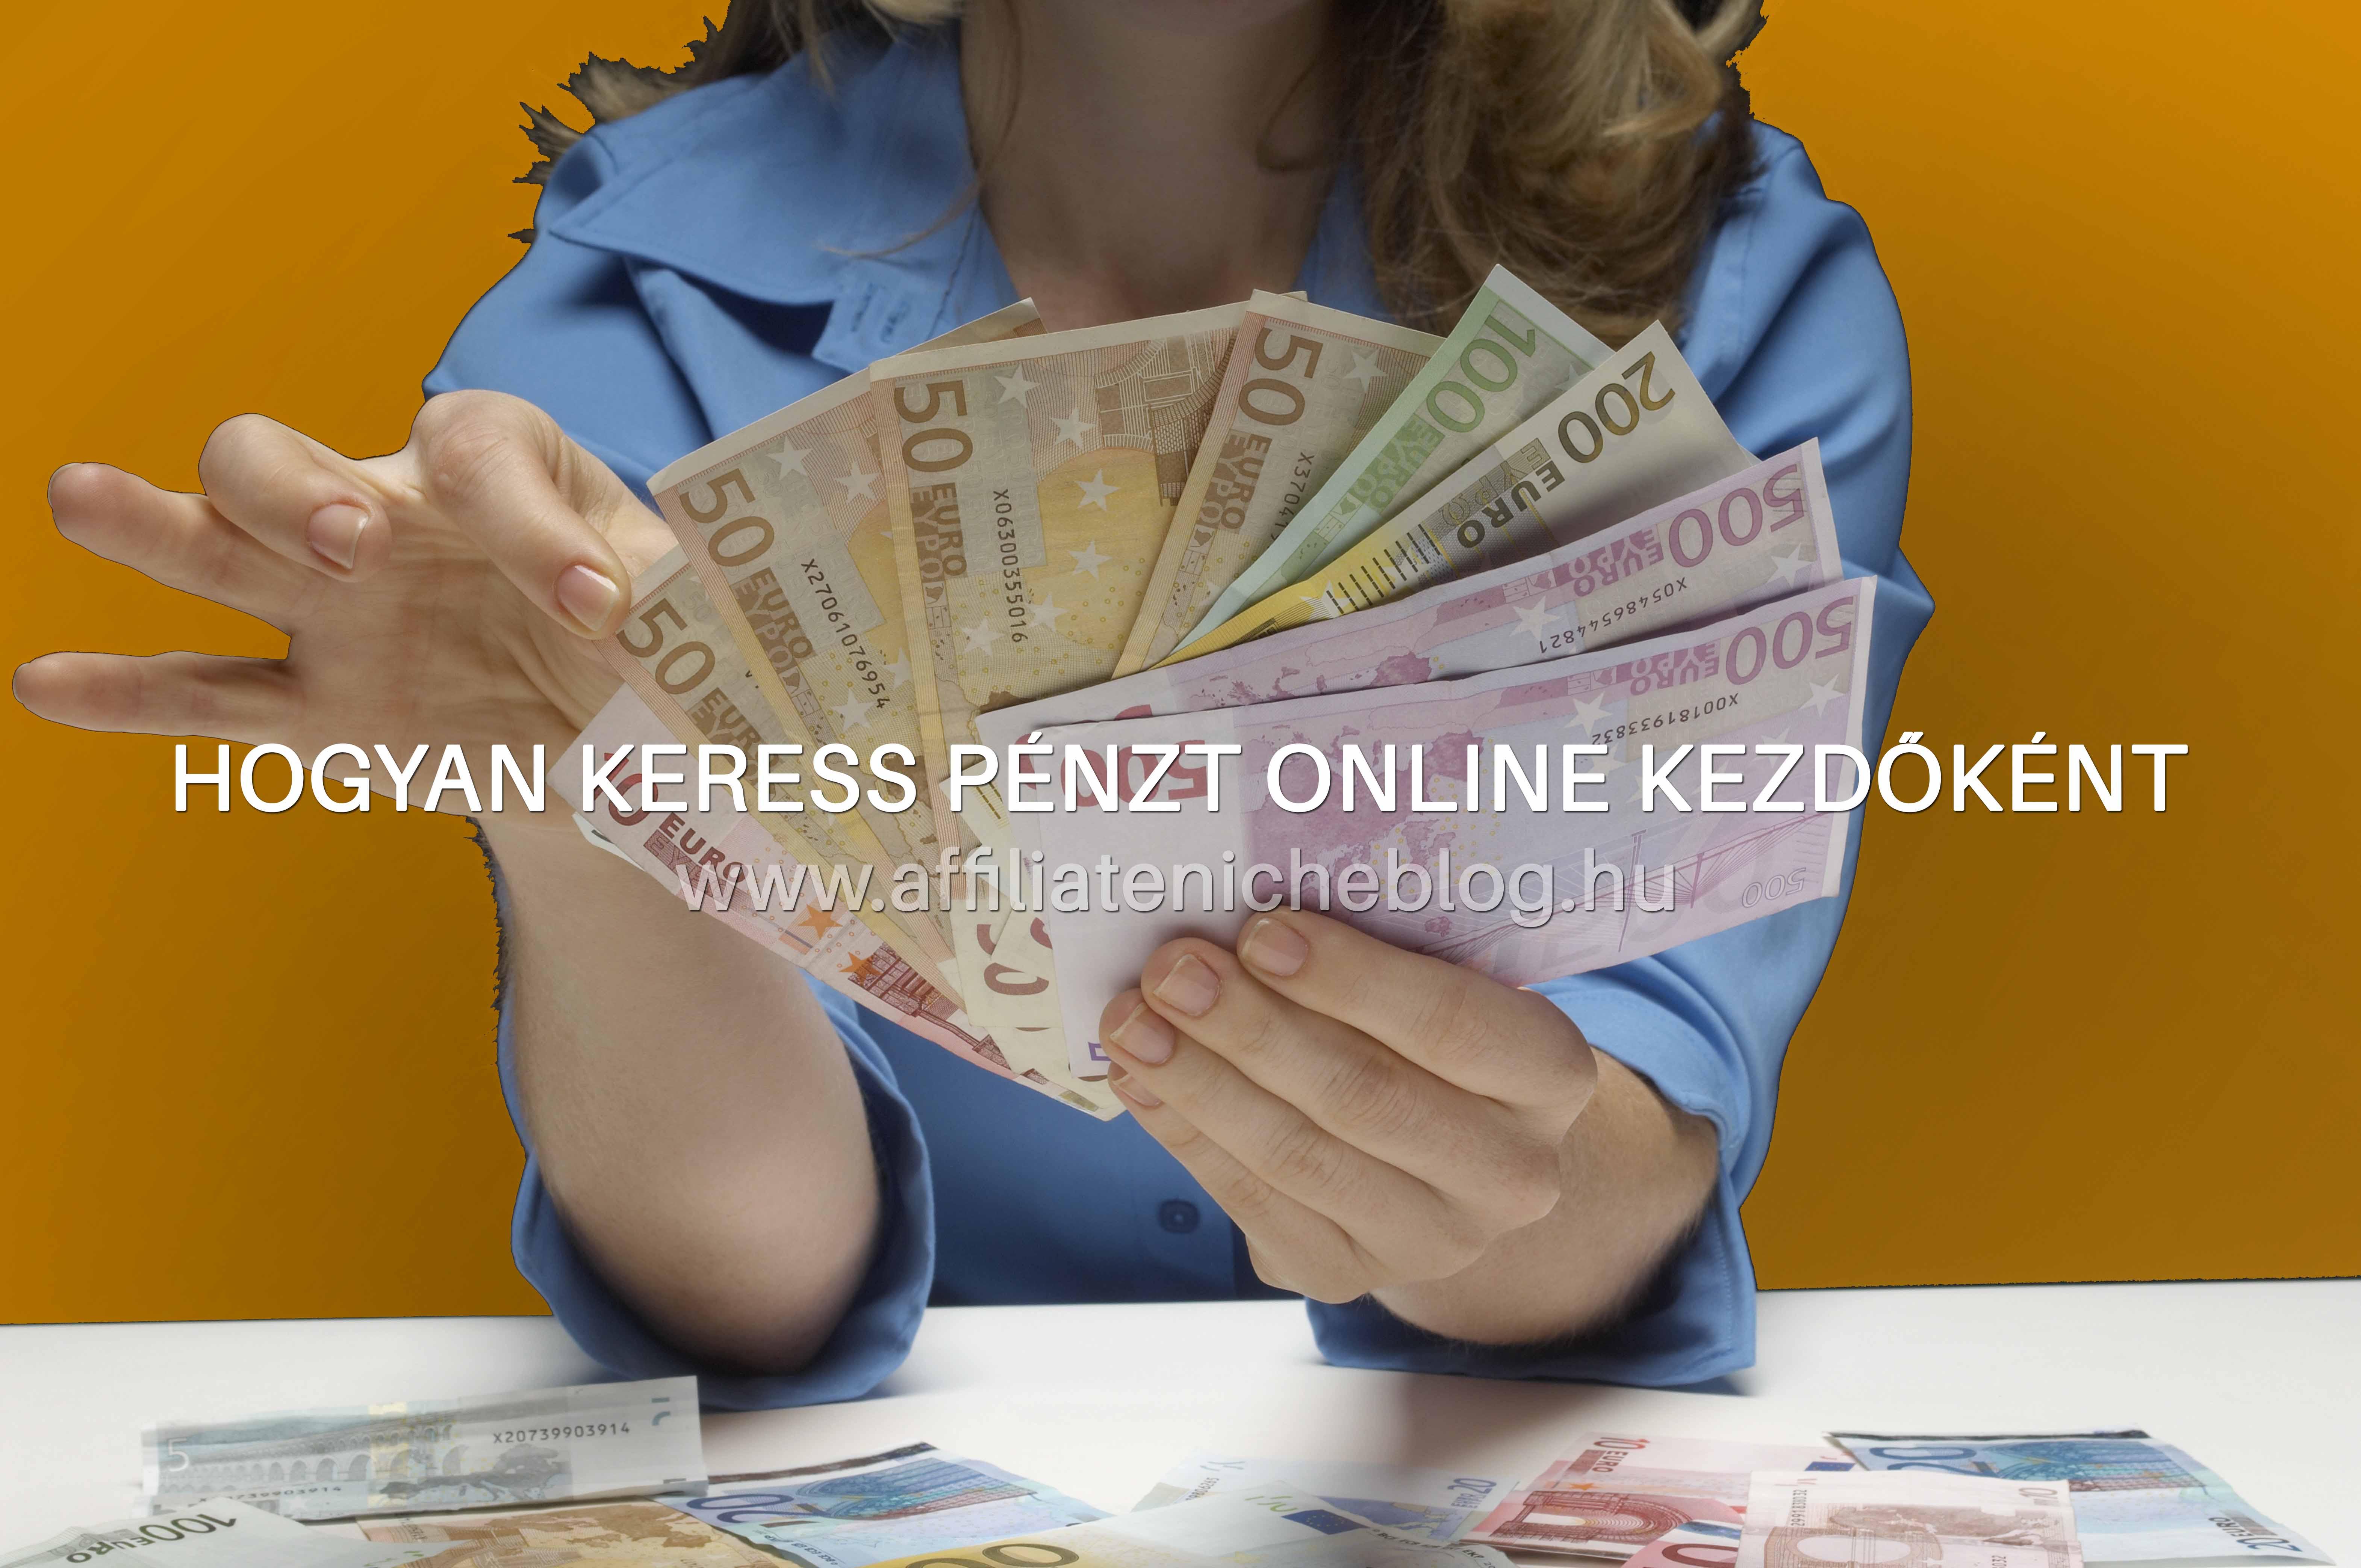 hogyan lehet pénzt keresni néhány perc alatt hogyan lehet online pénzt keresni a próbabábukra